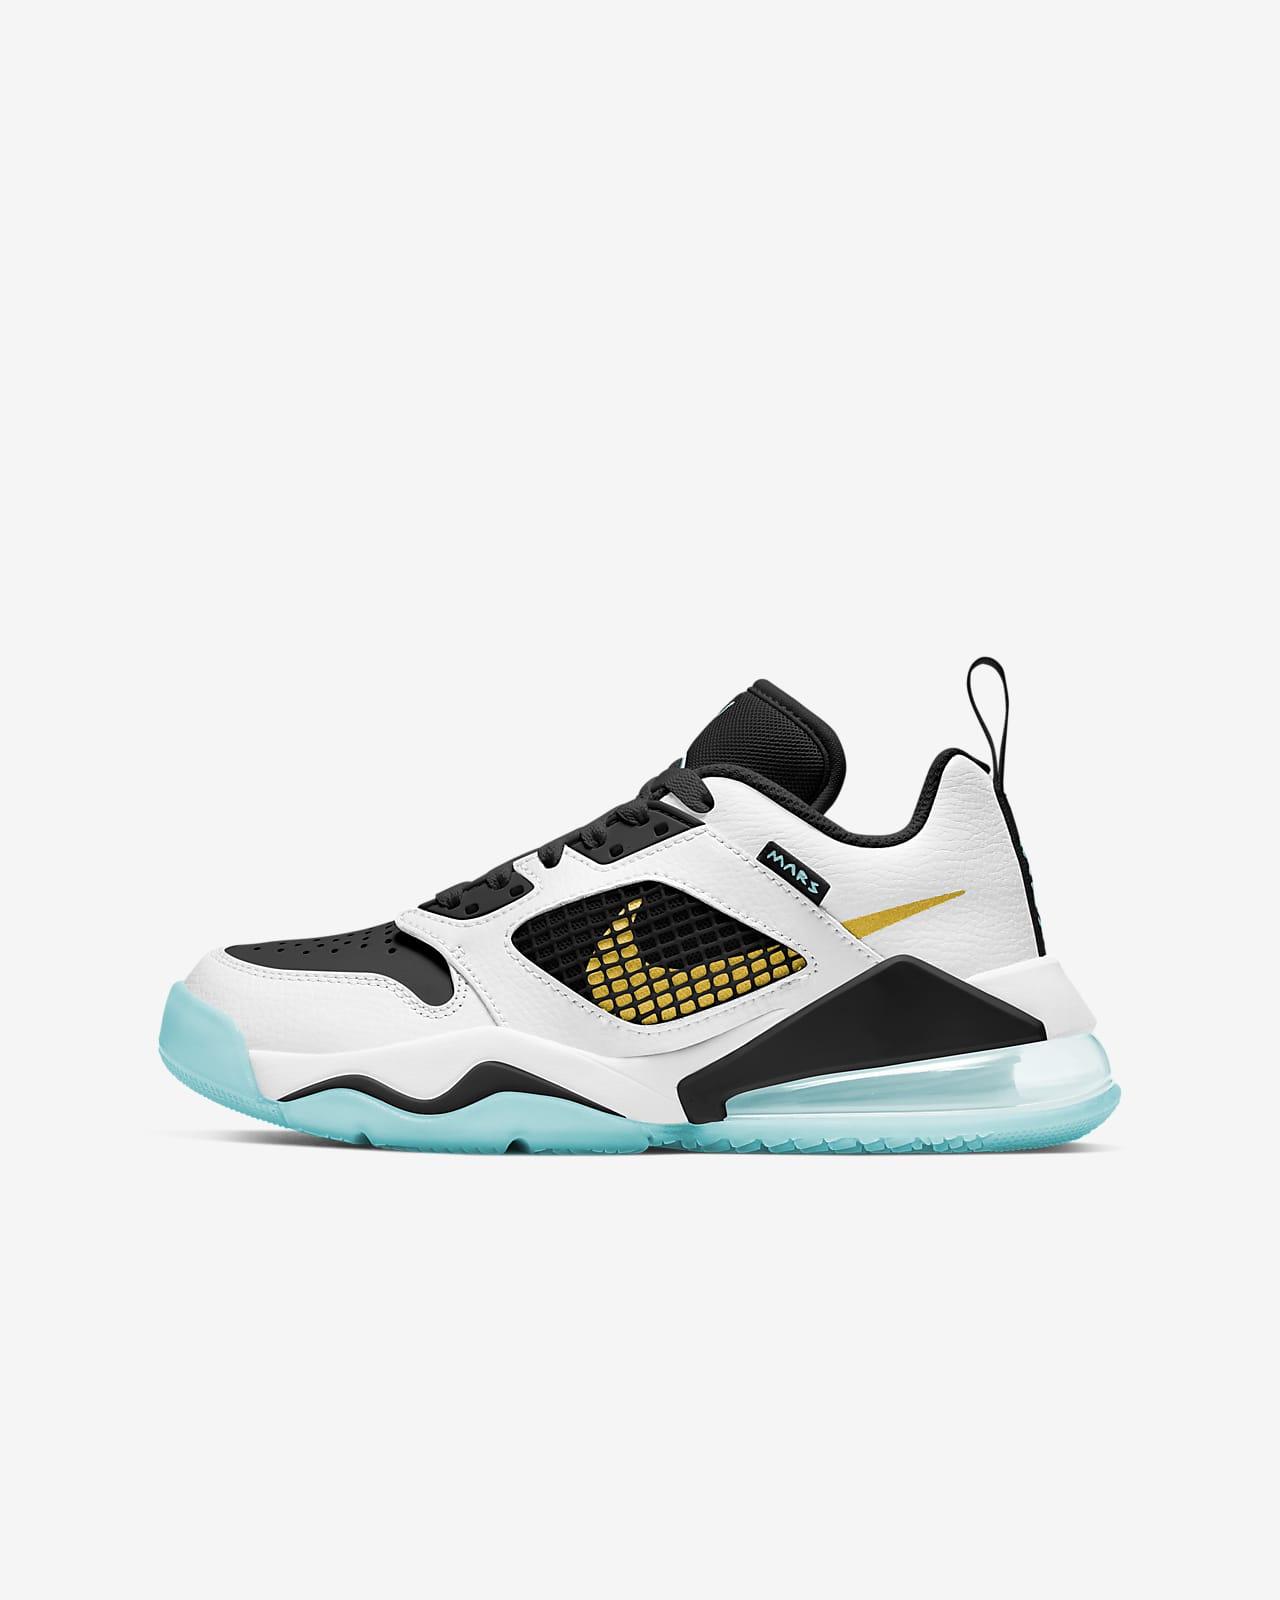 Jordan Mars 270 Low (GS) 大童运动童鞋